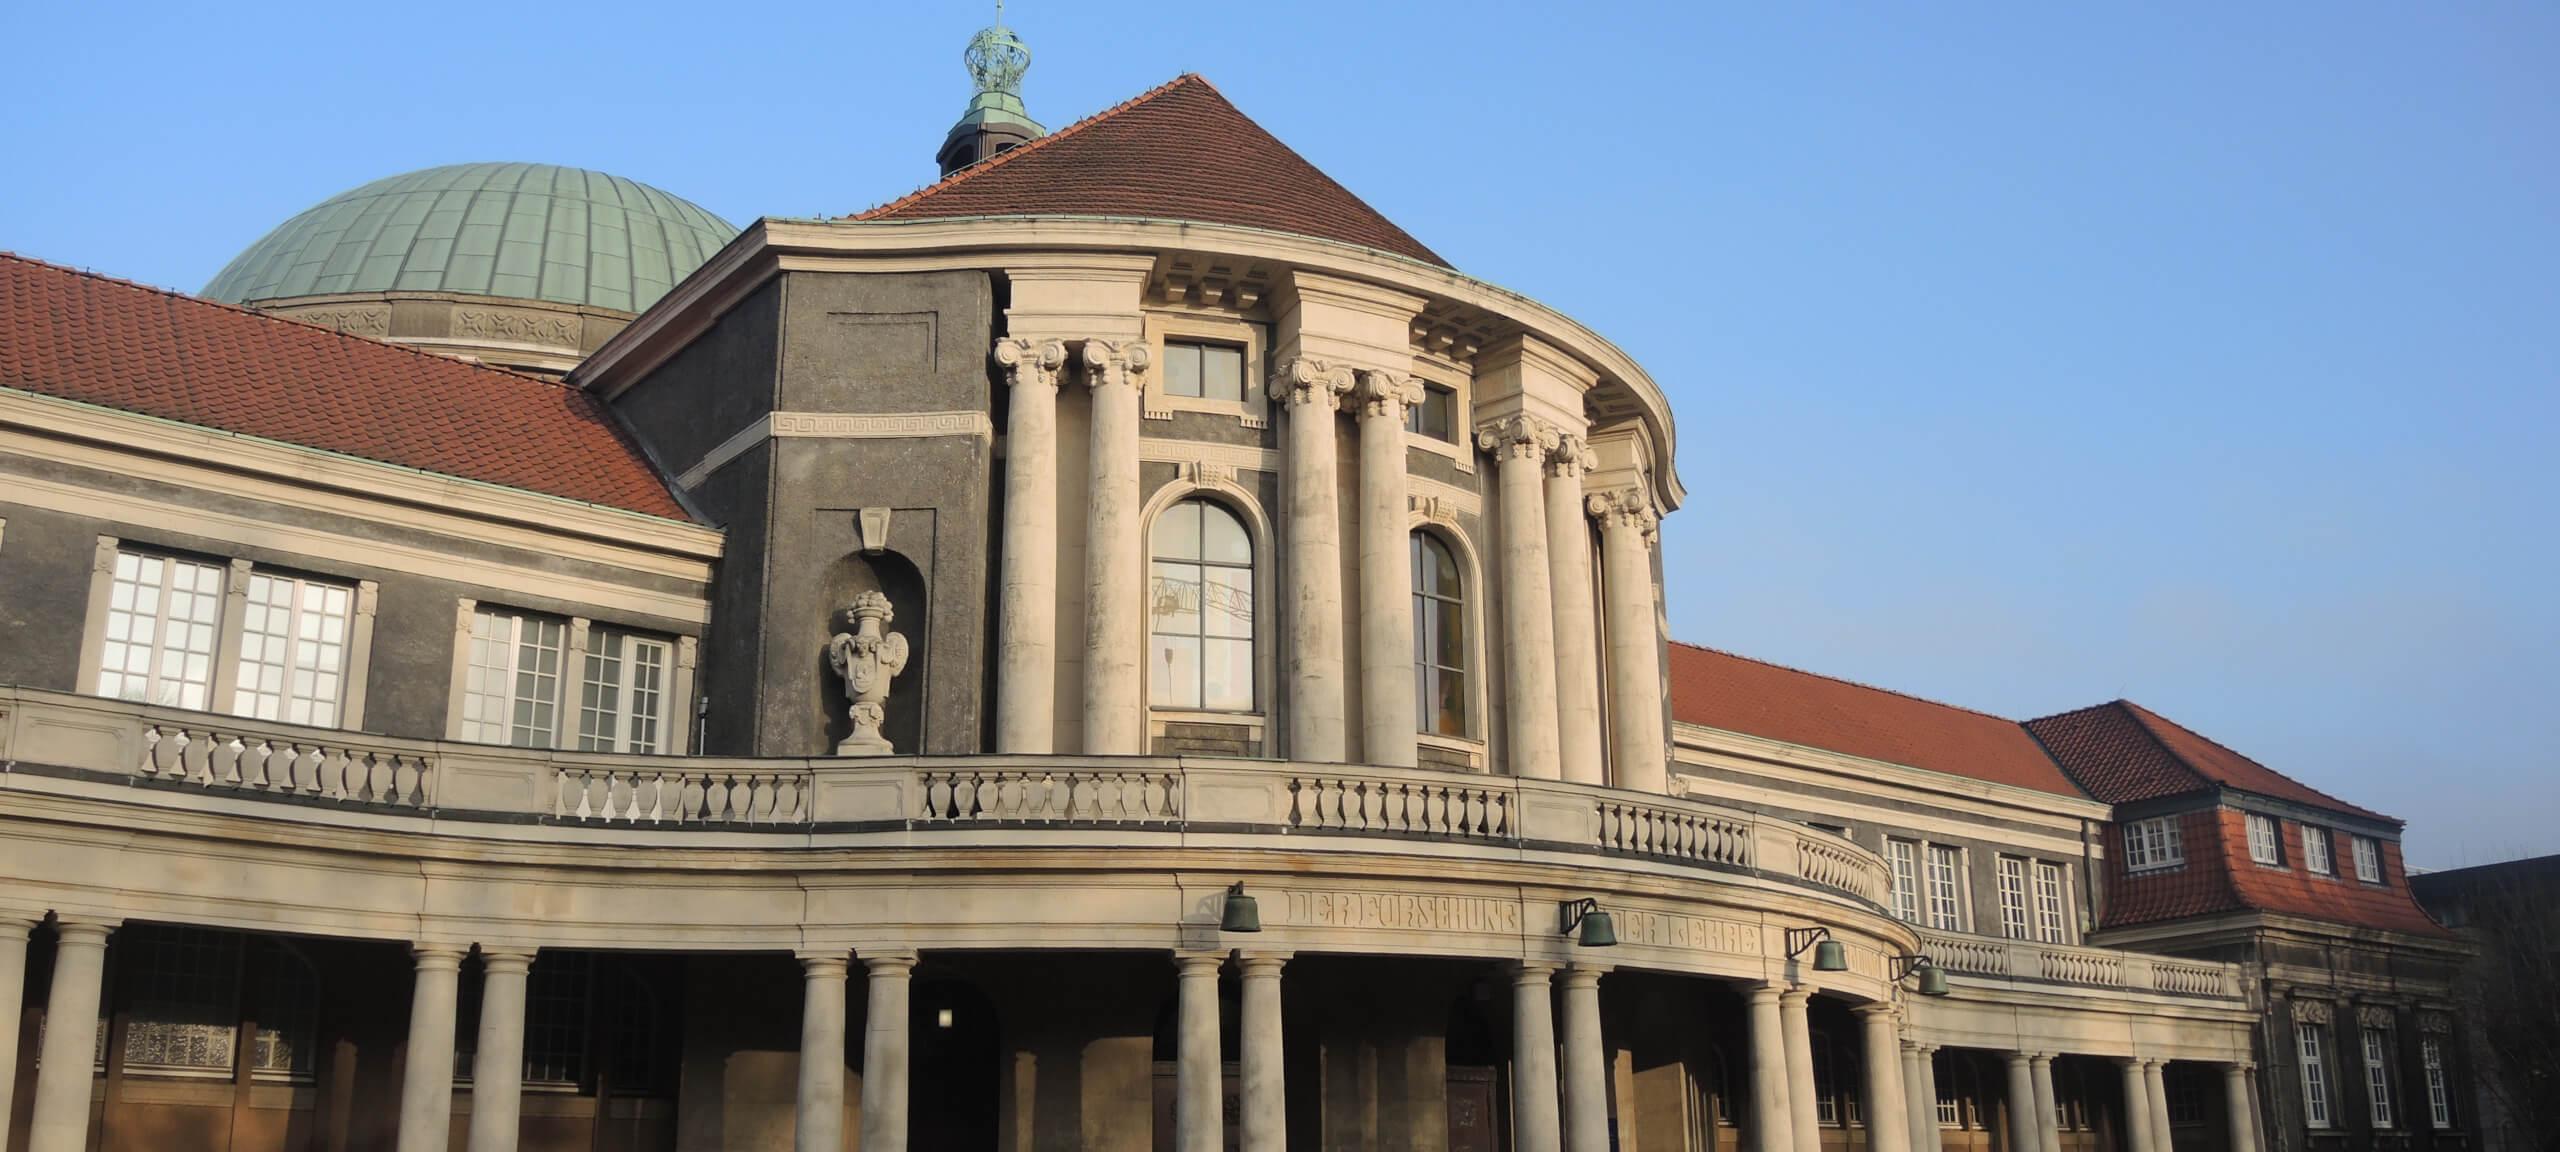 Universität Hamburg Edmund Siemers Allee 1